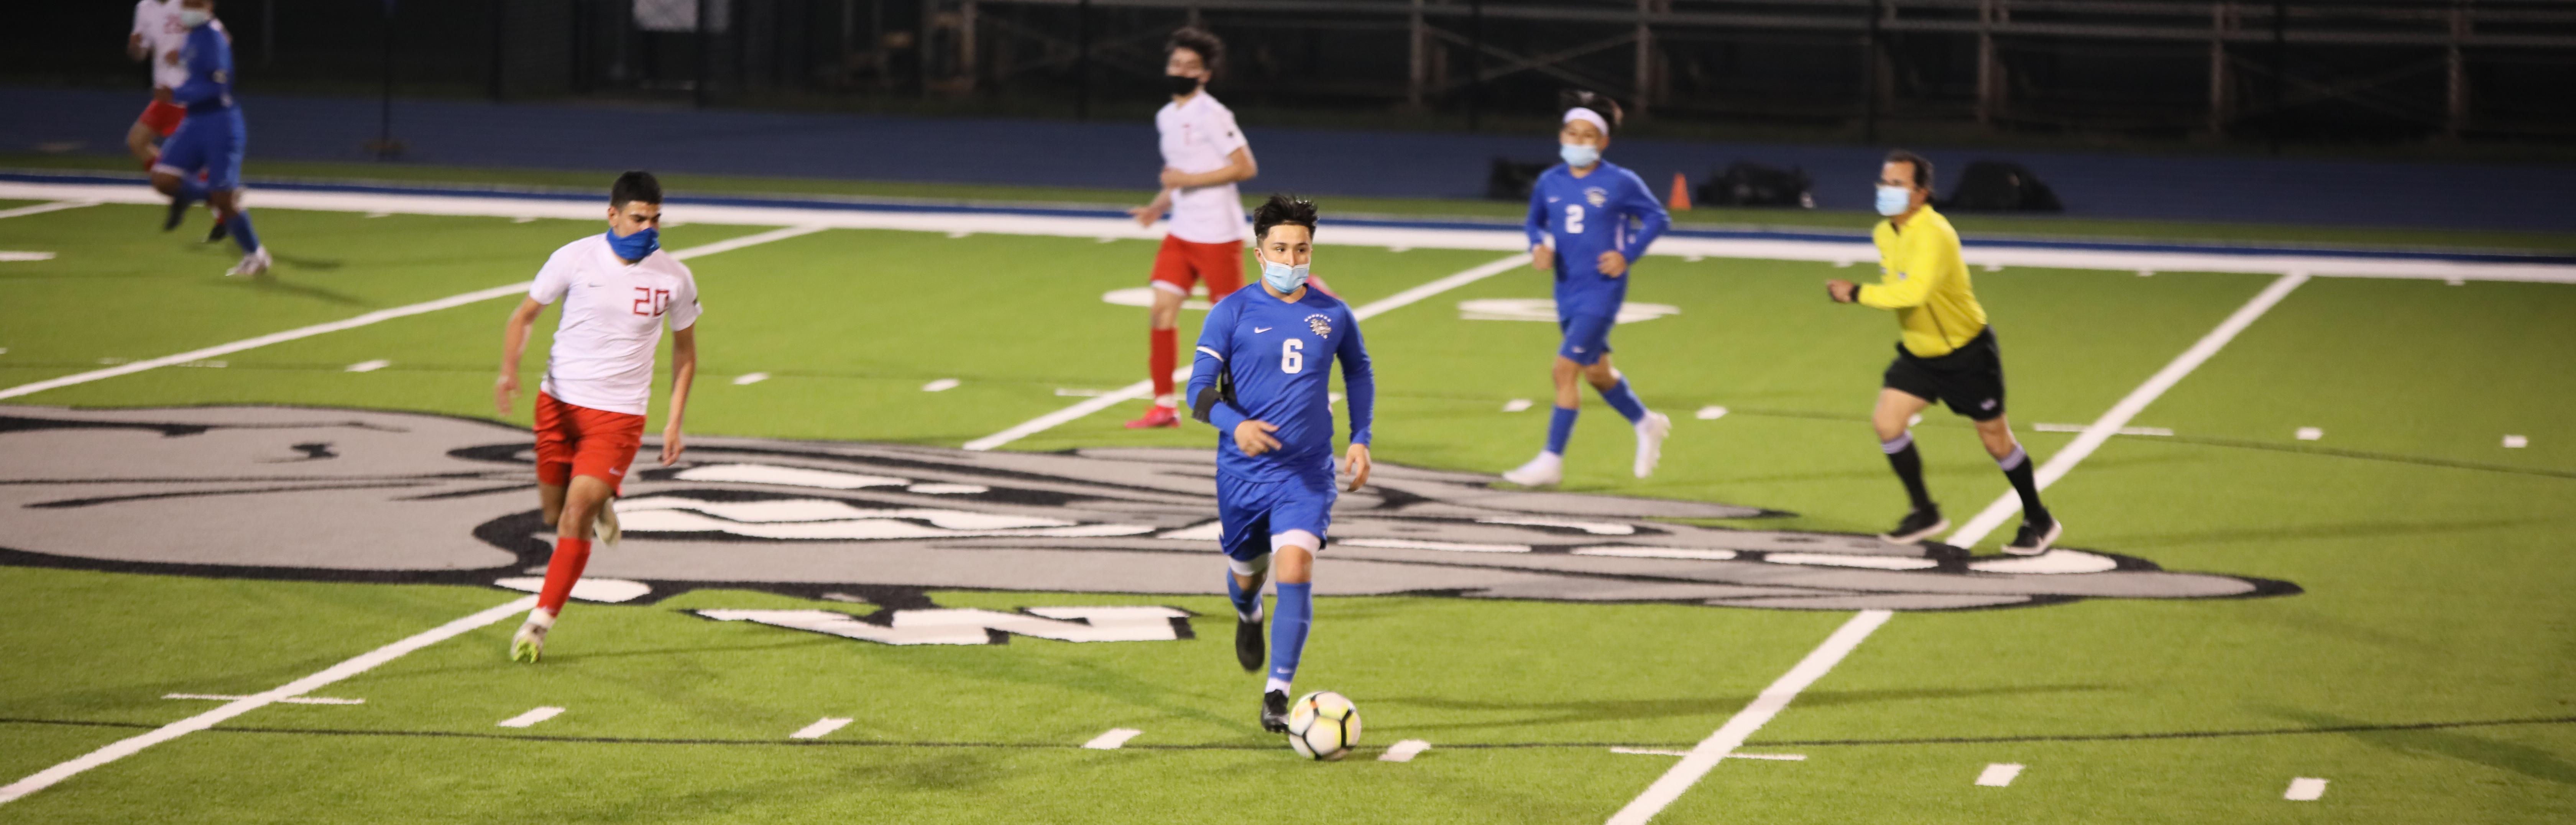 WSD Boys Soccer